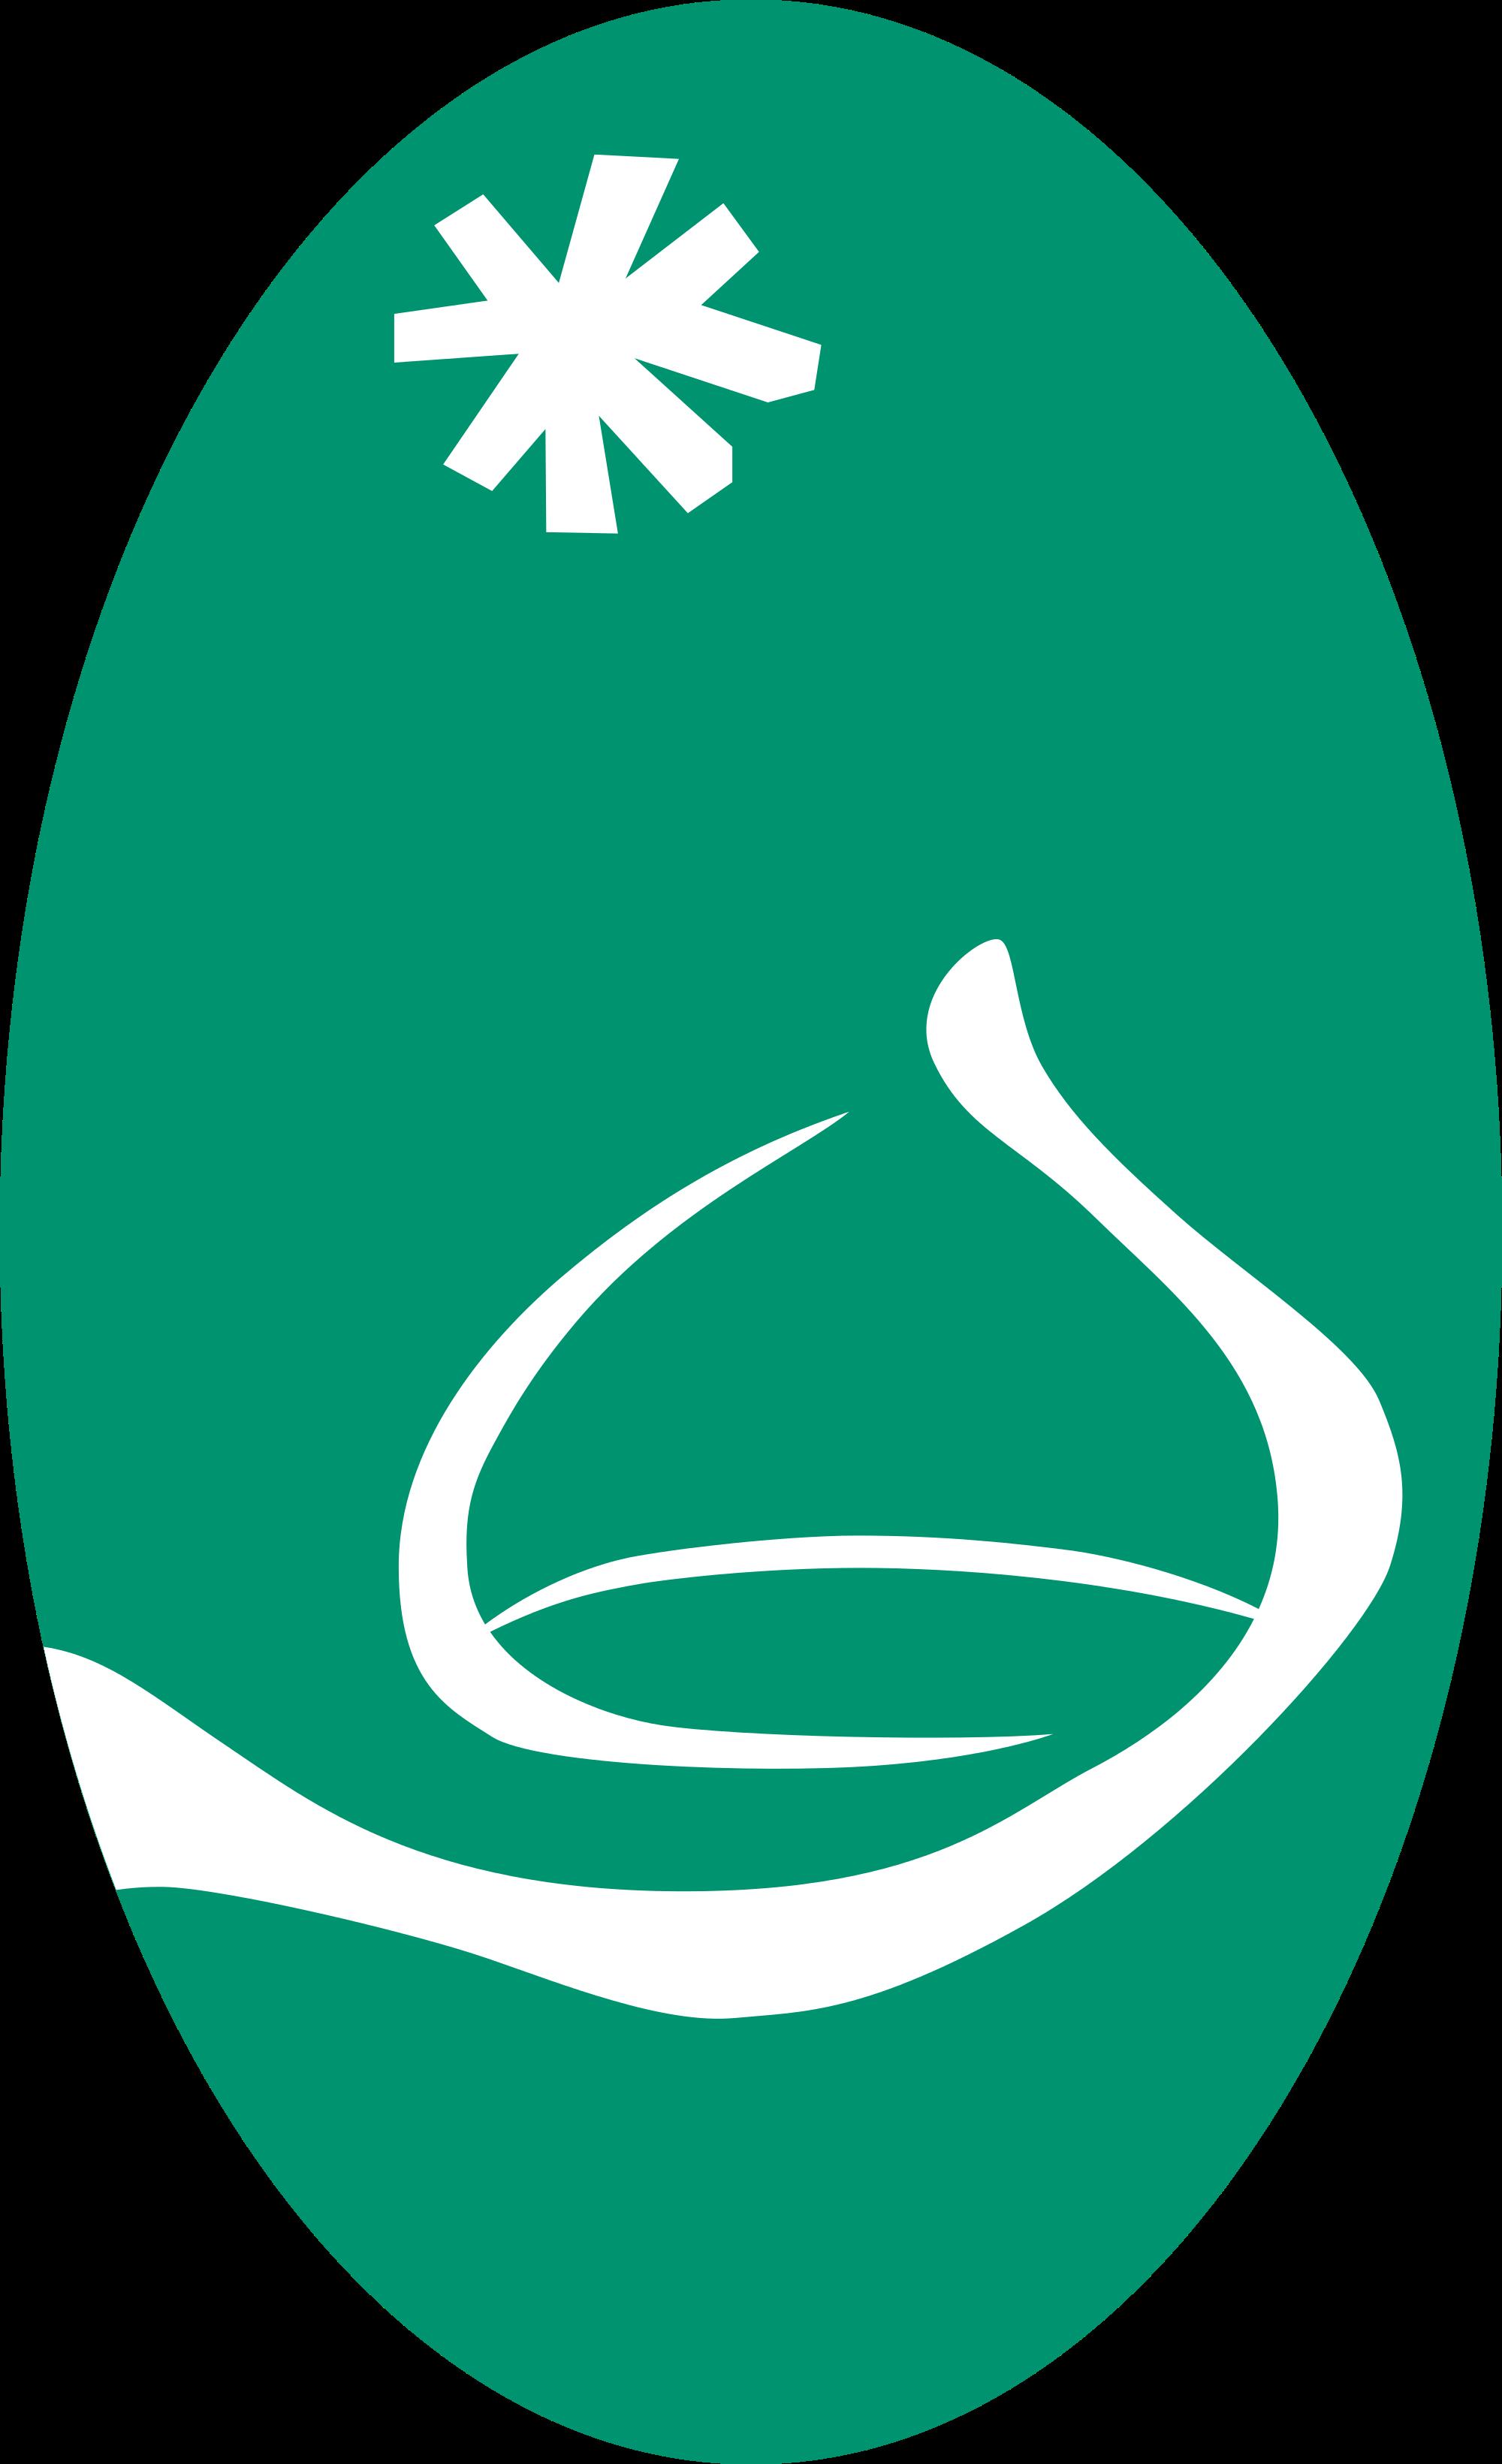 File:Parc naturel régional des Monts d'Ardèche.svg.